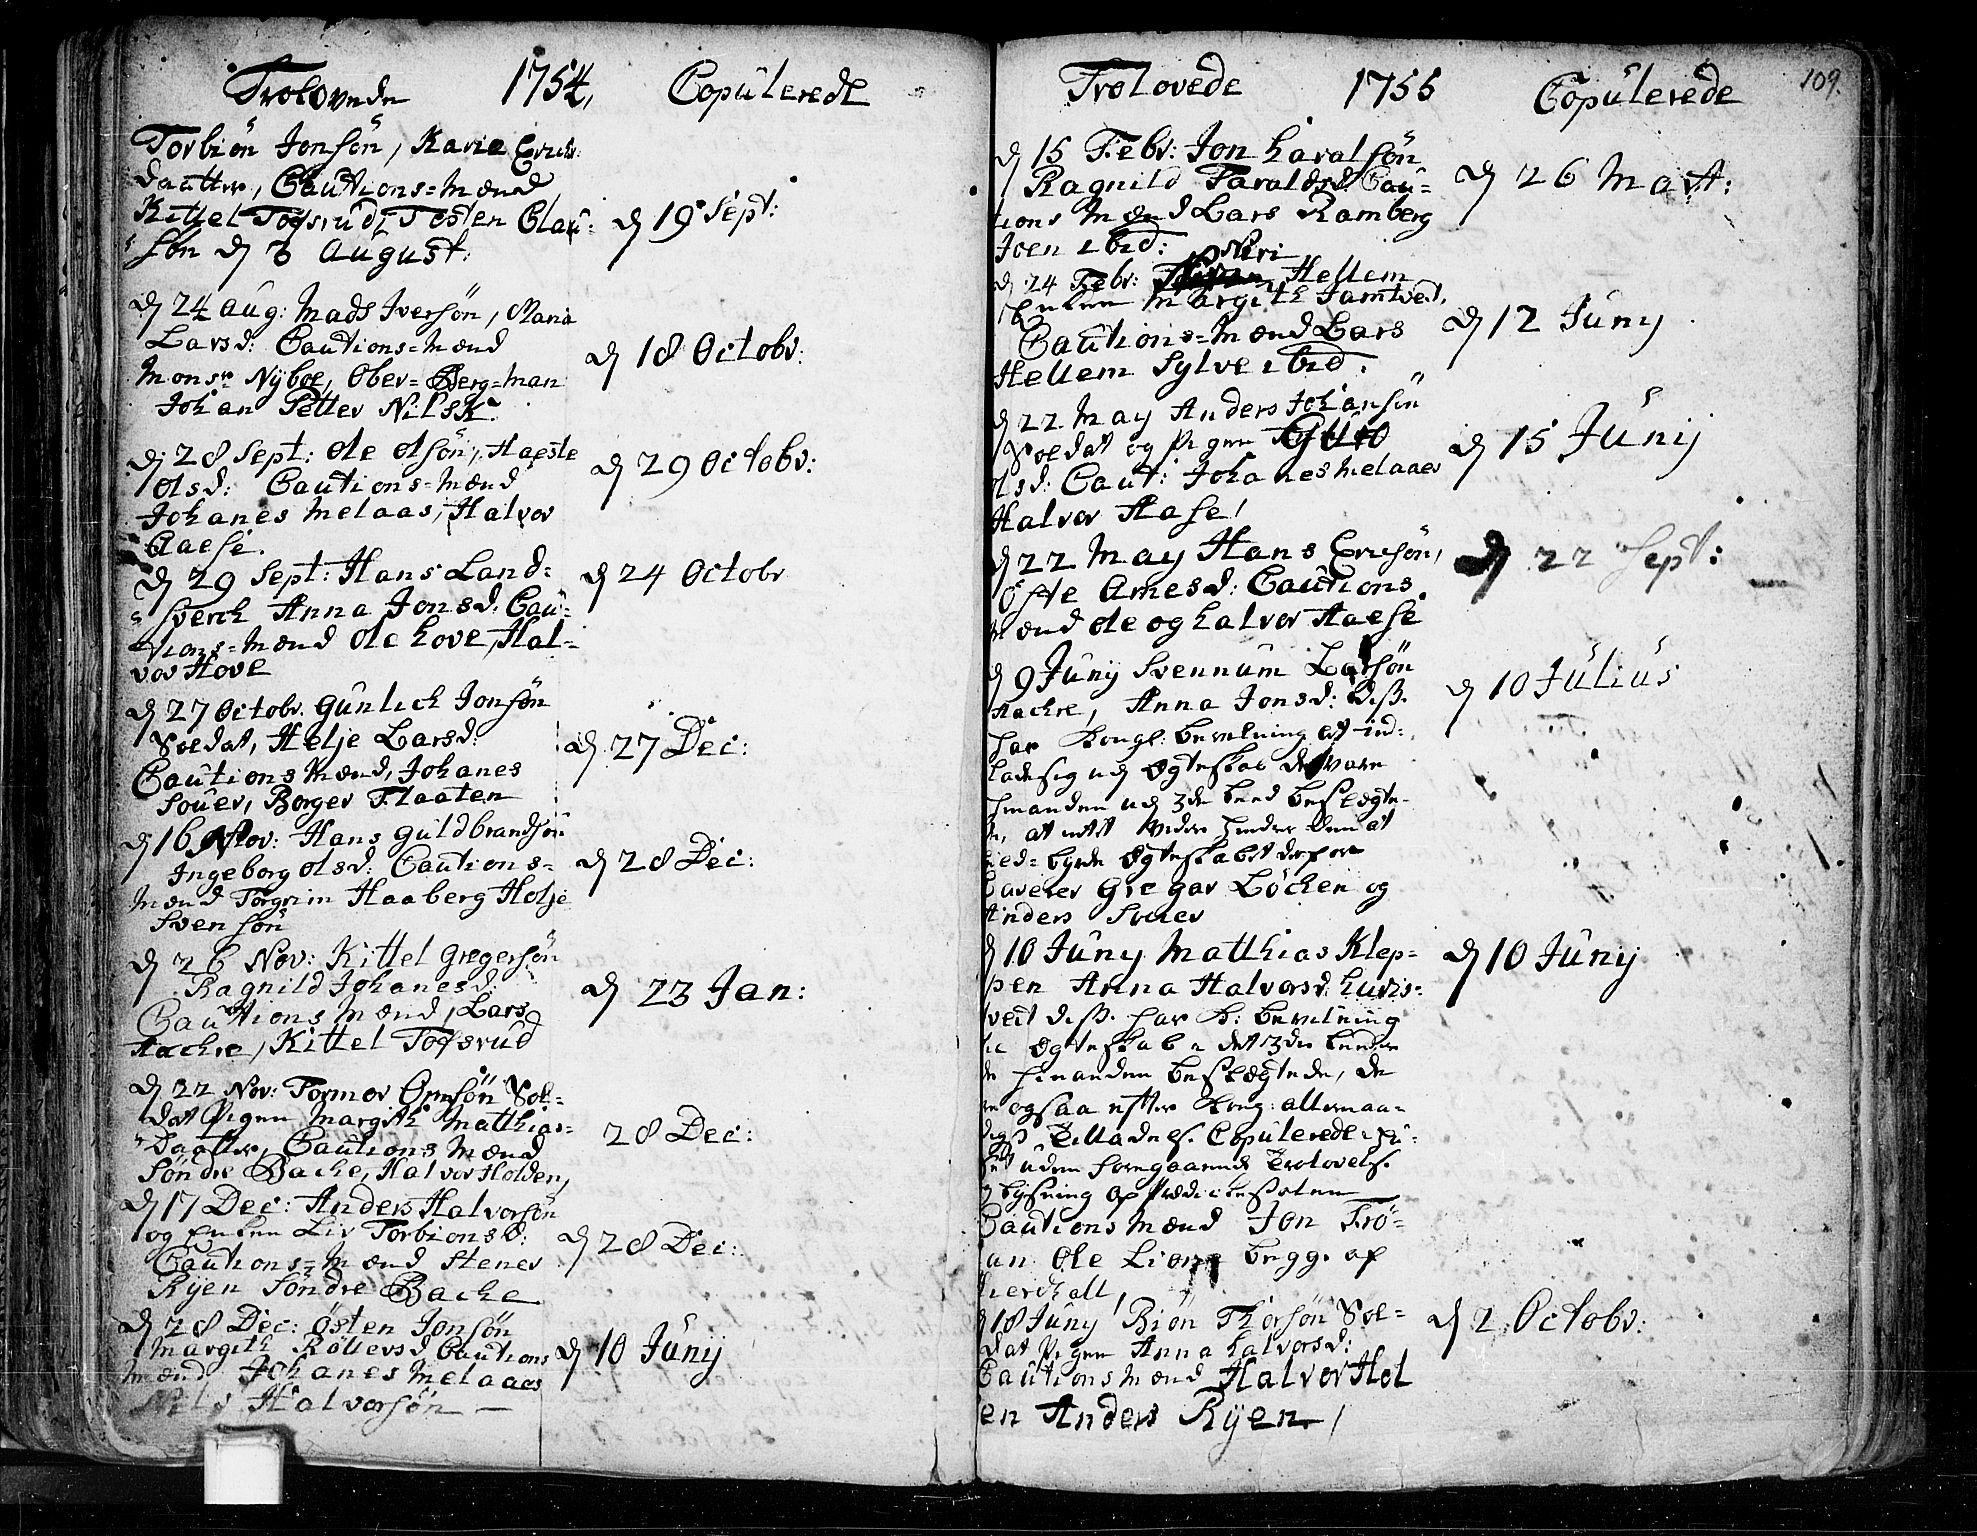 SAKO, Heddal kirkebøker, F/Fa/L0003: Ministerialbok nr. I 3, 1723-1783, s. 109